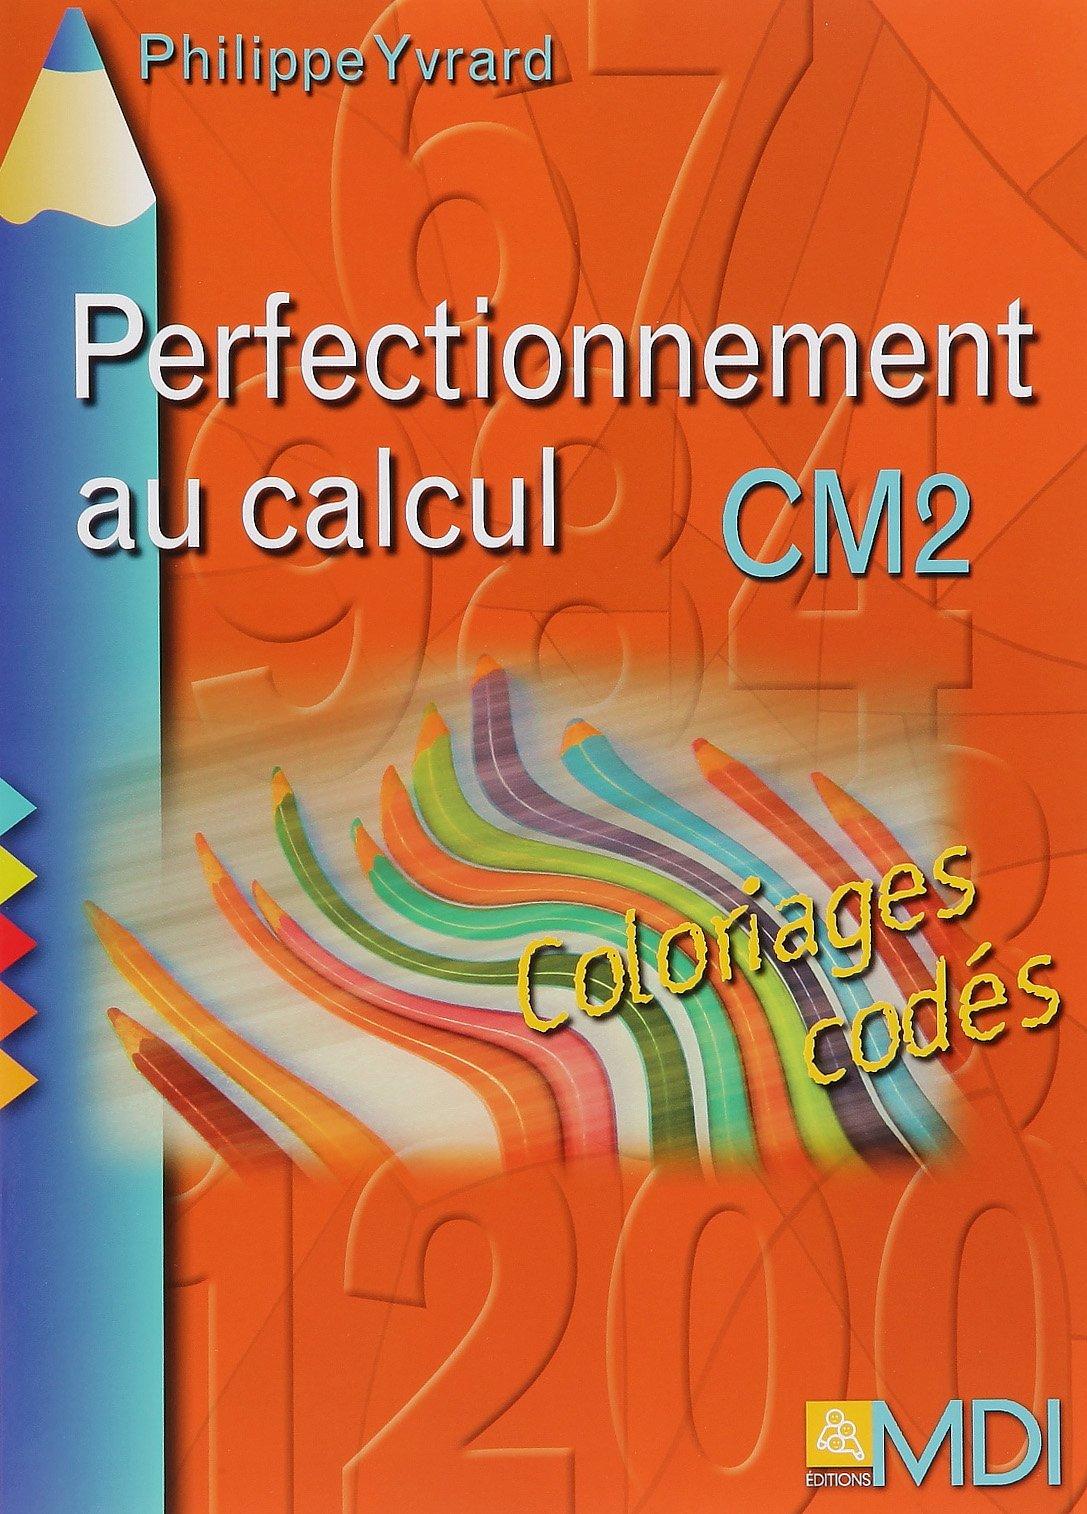 Perfectionnement au calcul CM2 : Coloriages codés